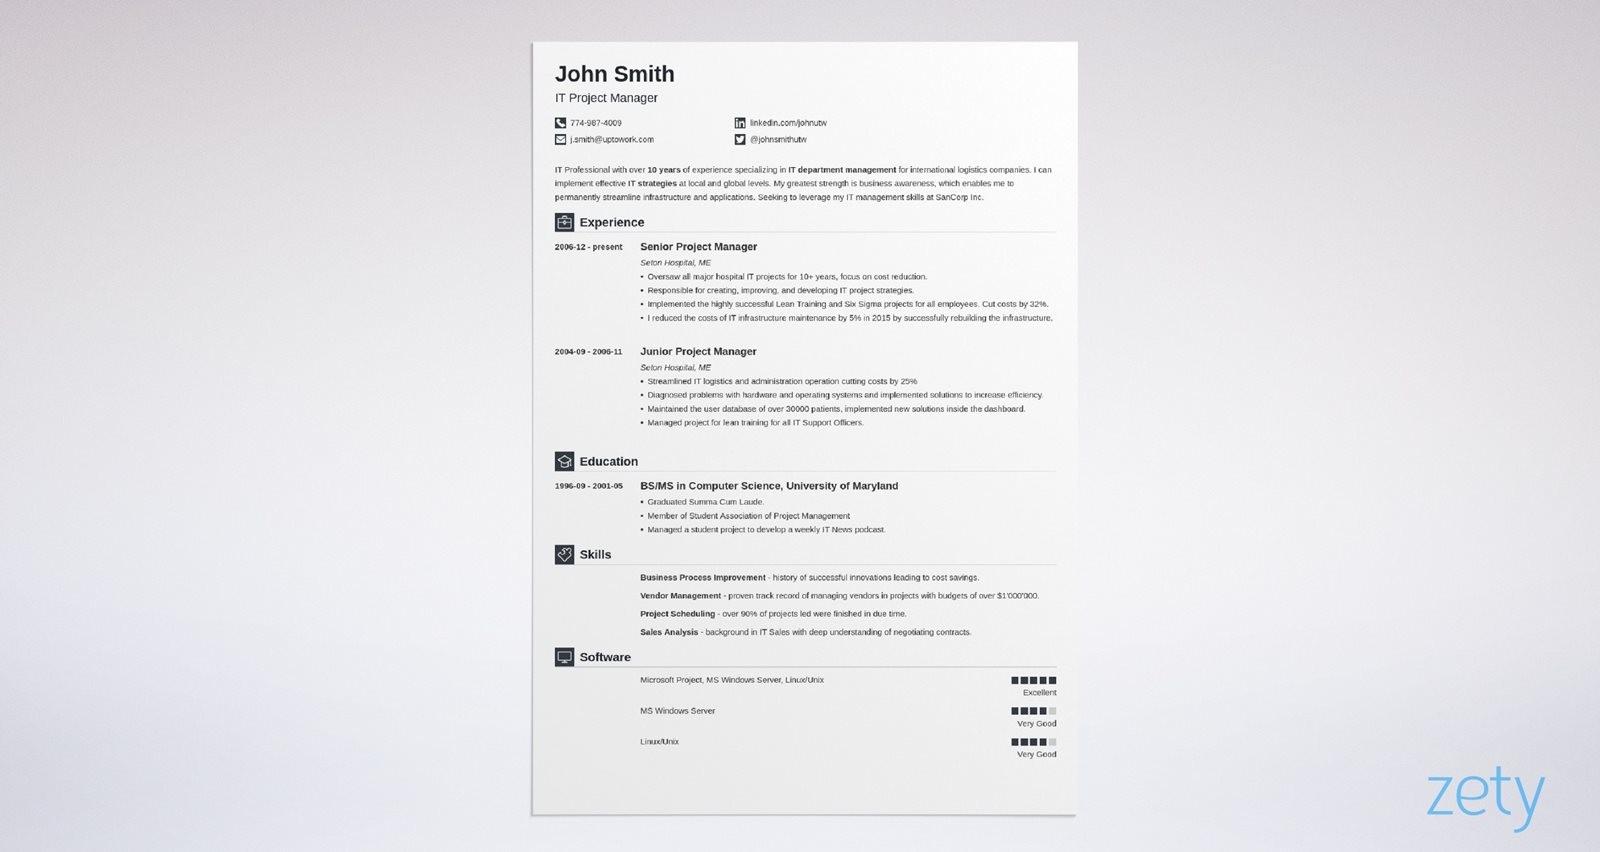 resume shortened name